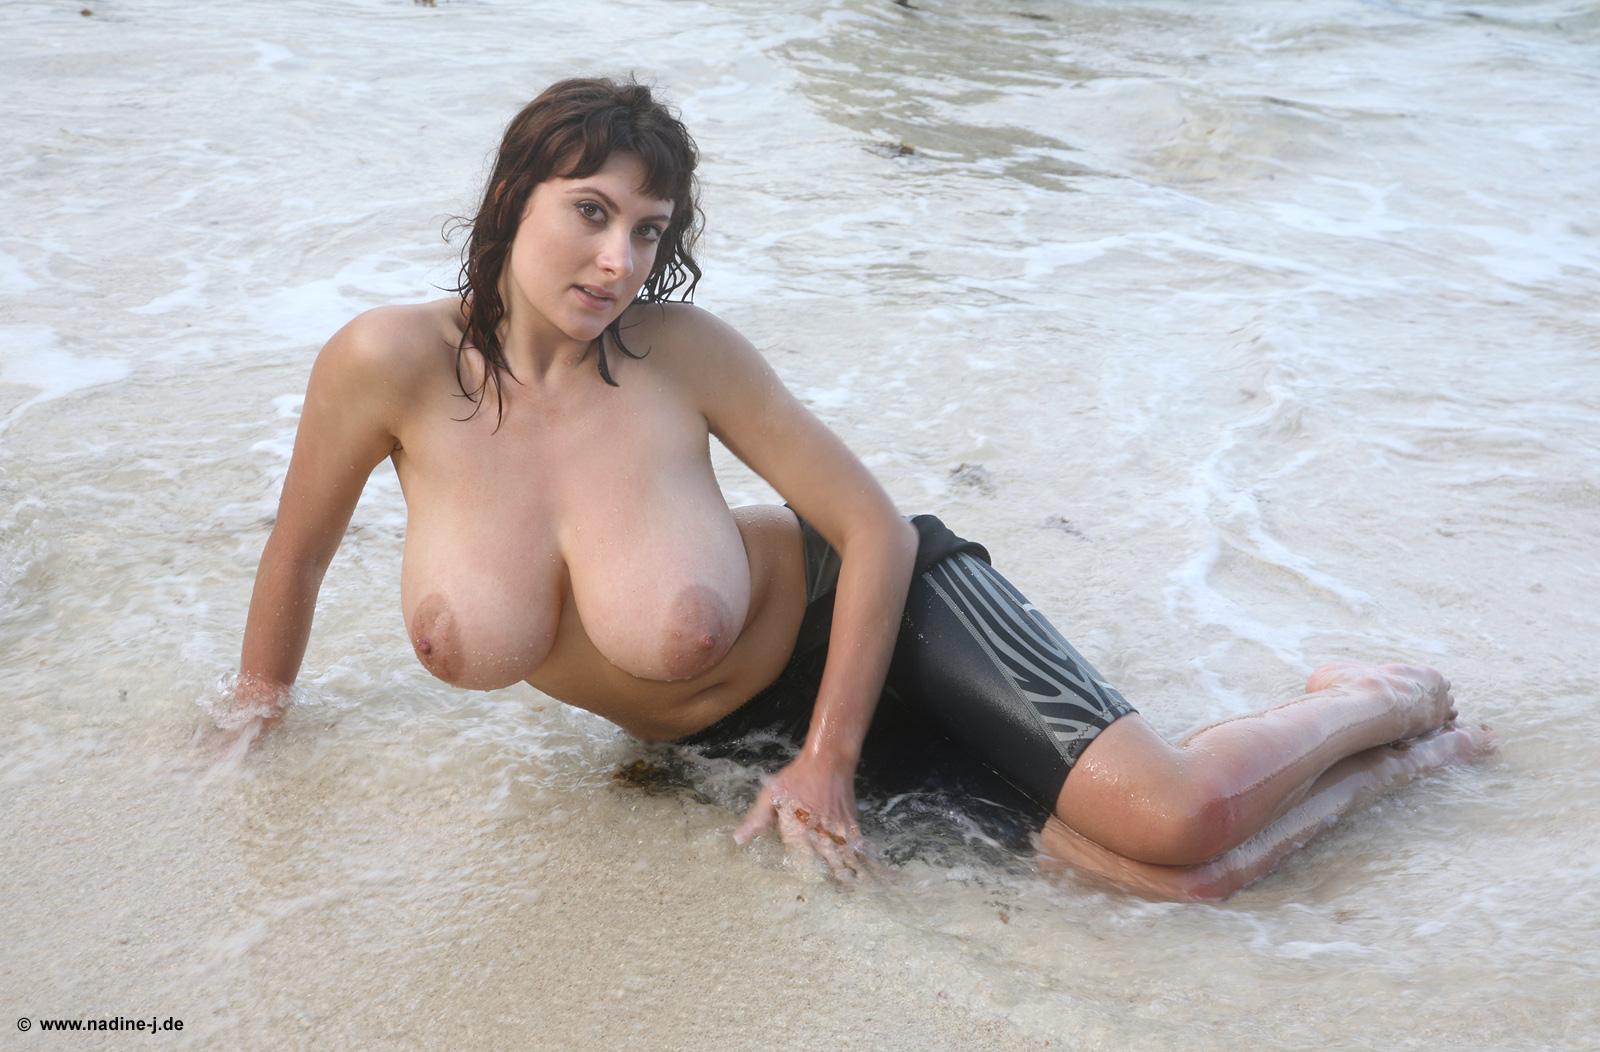 Фото на пляже большая грудь, Голые девушки с большой грудью на пляже 2 фотография